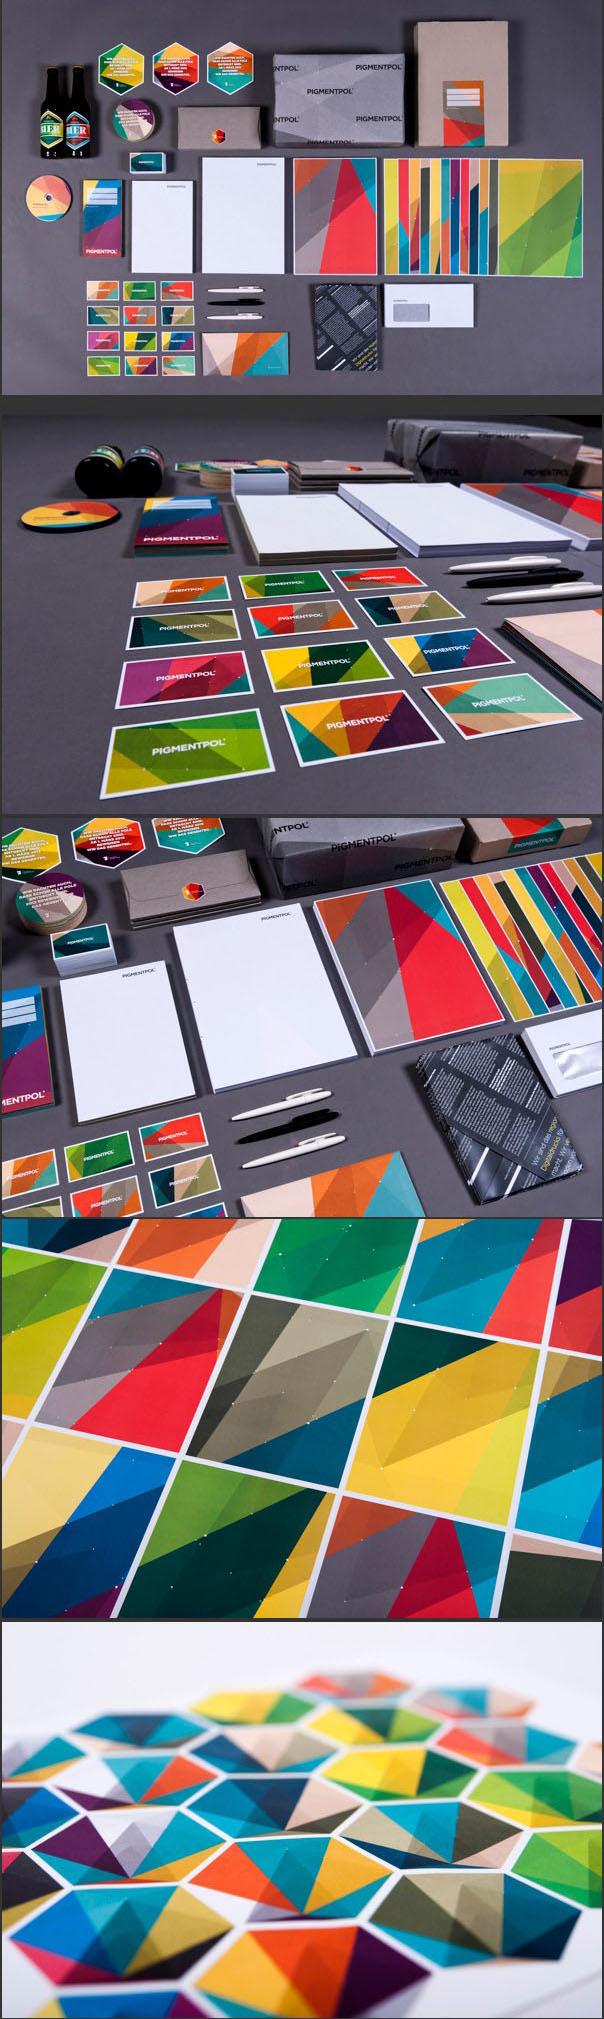 identyfikacja-wizualna-corporate-identity-2014- (24)